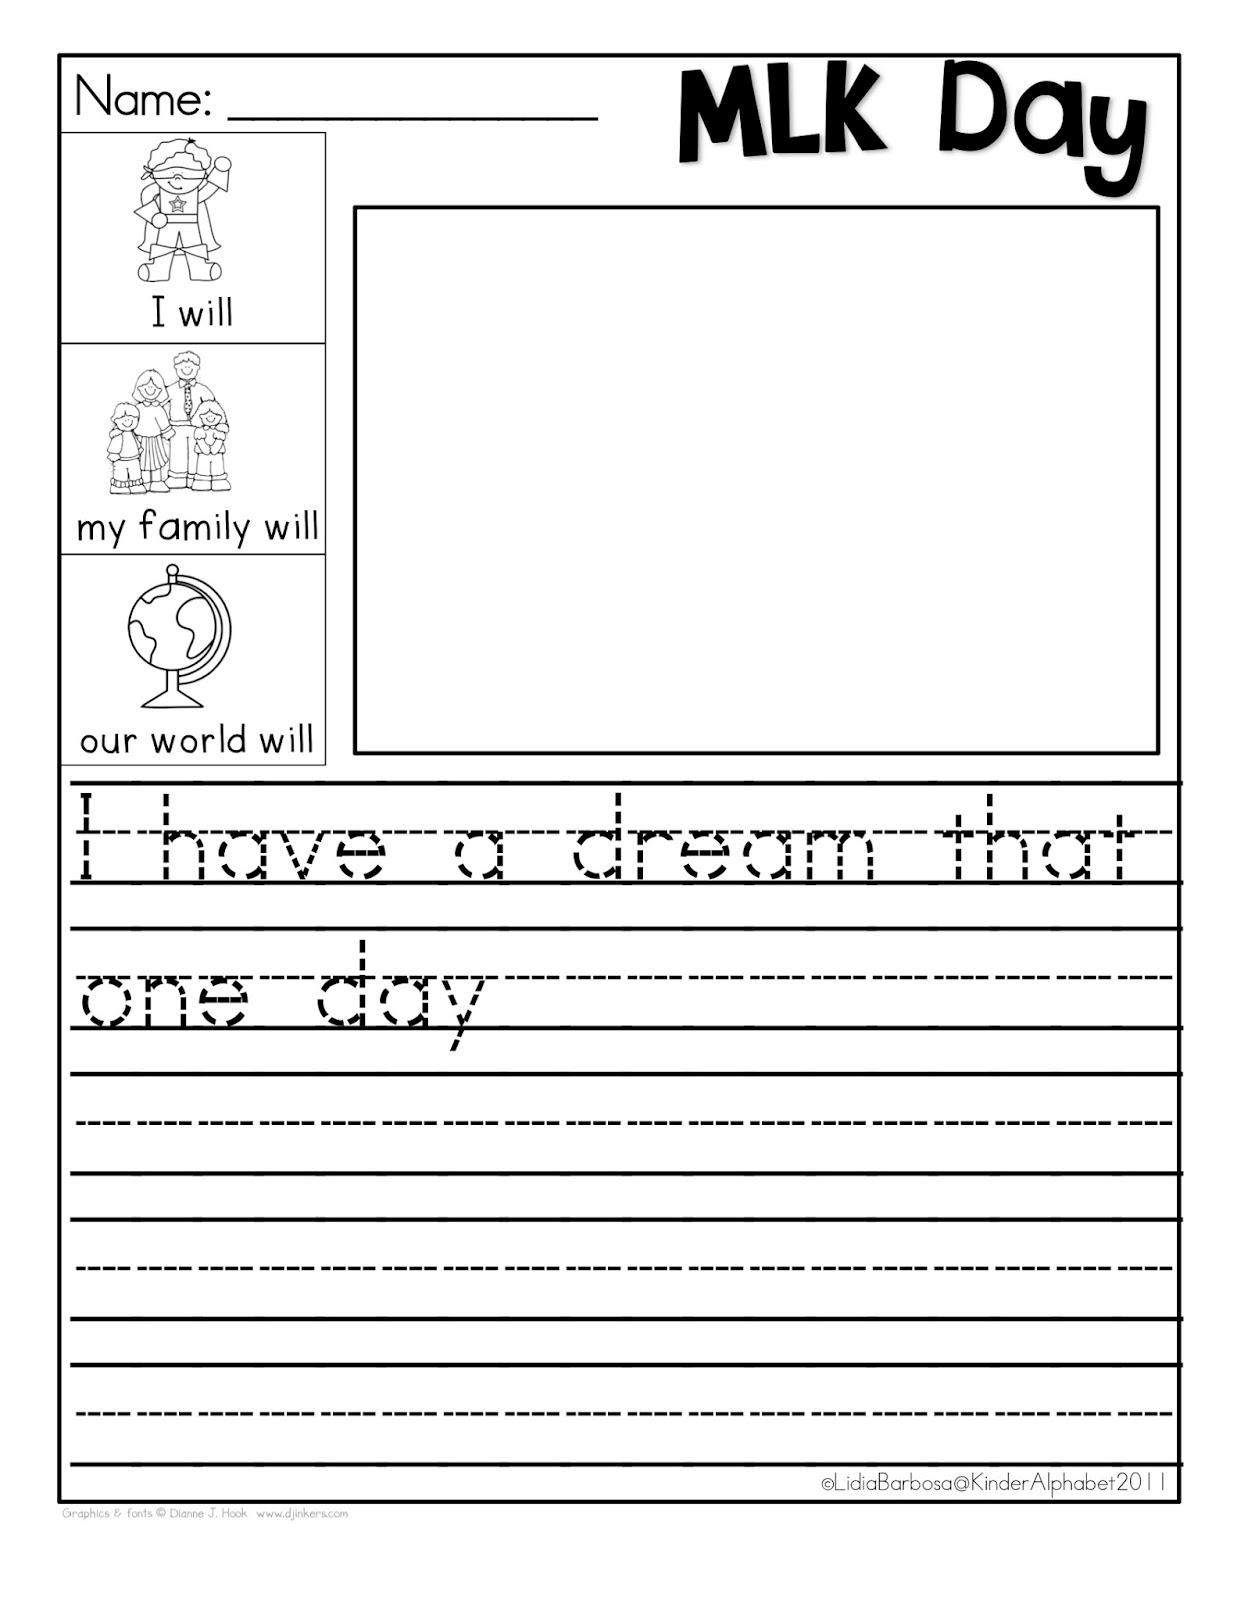 Martin Luther King Jr Worksheets I Have A Dream images free download – Martin Luther King Jr Worksheet